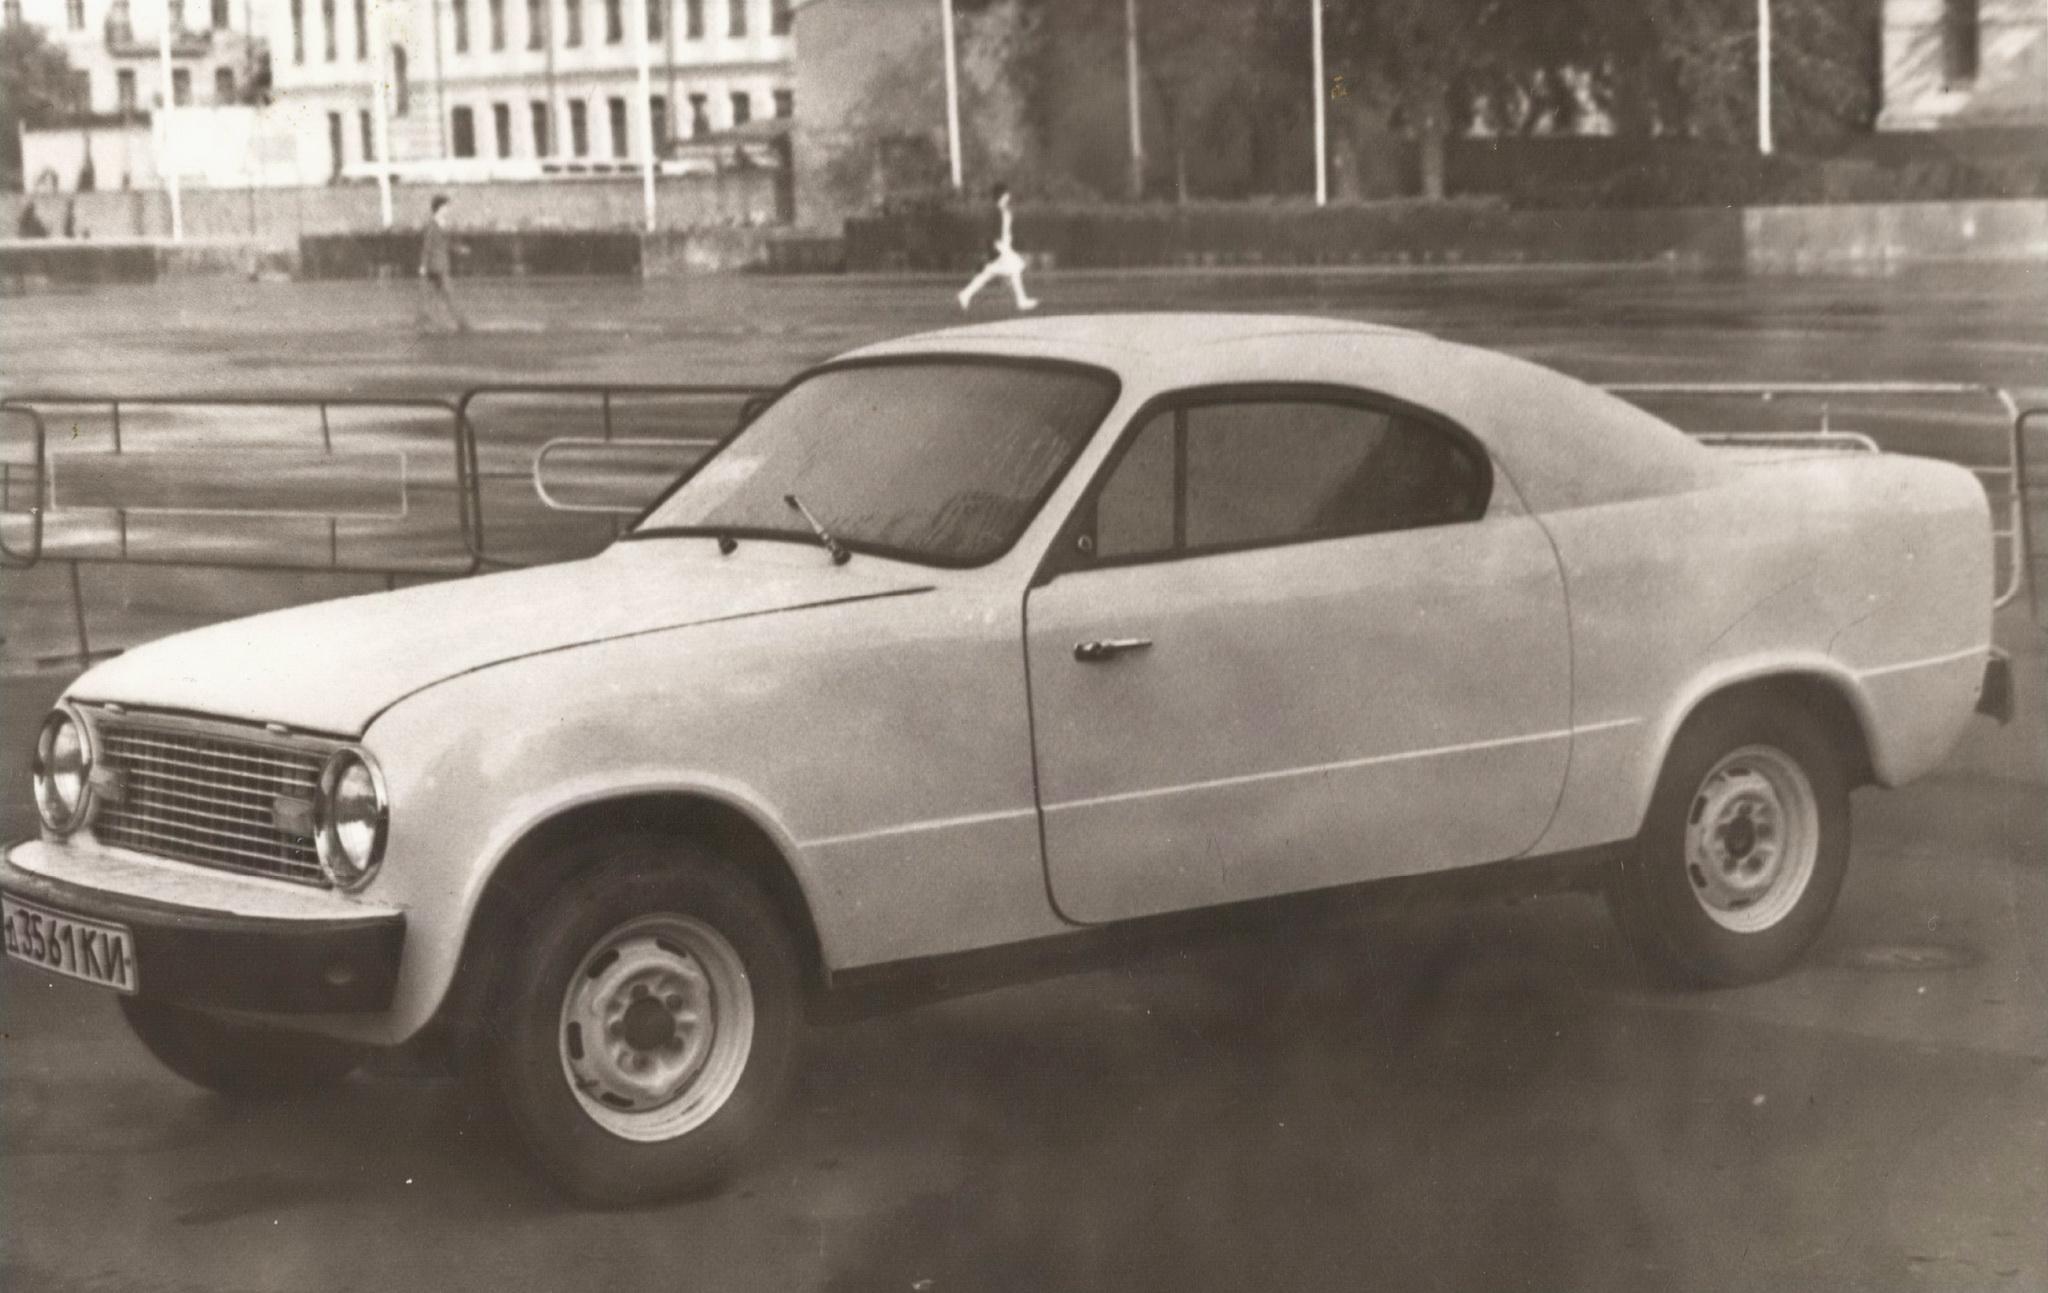 1984. САМАВТО. Украина (СССР). Киев. Автор неизвестен